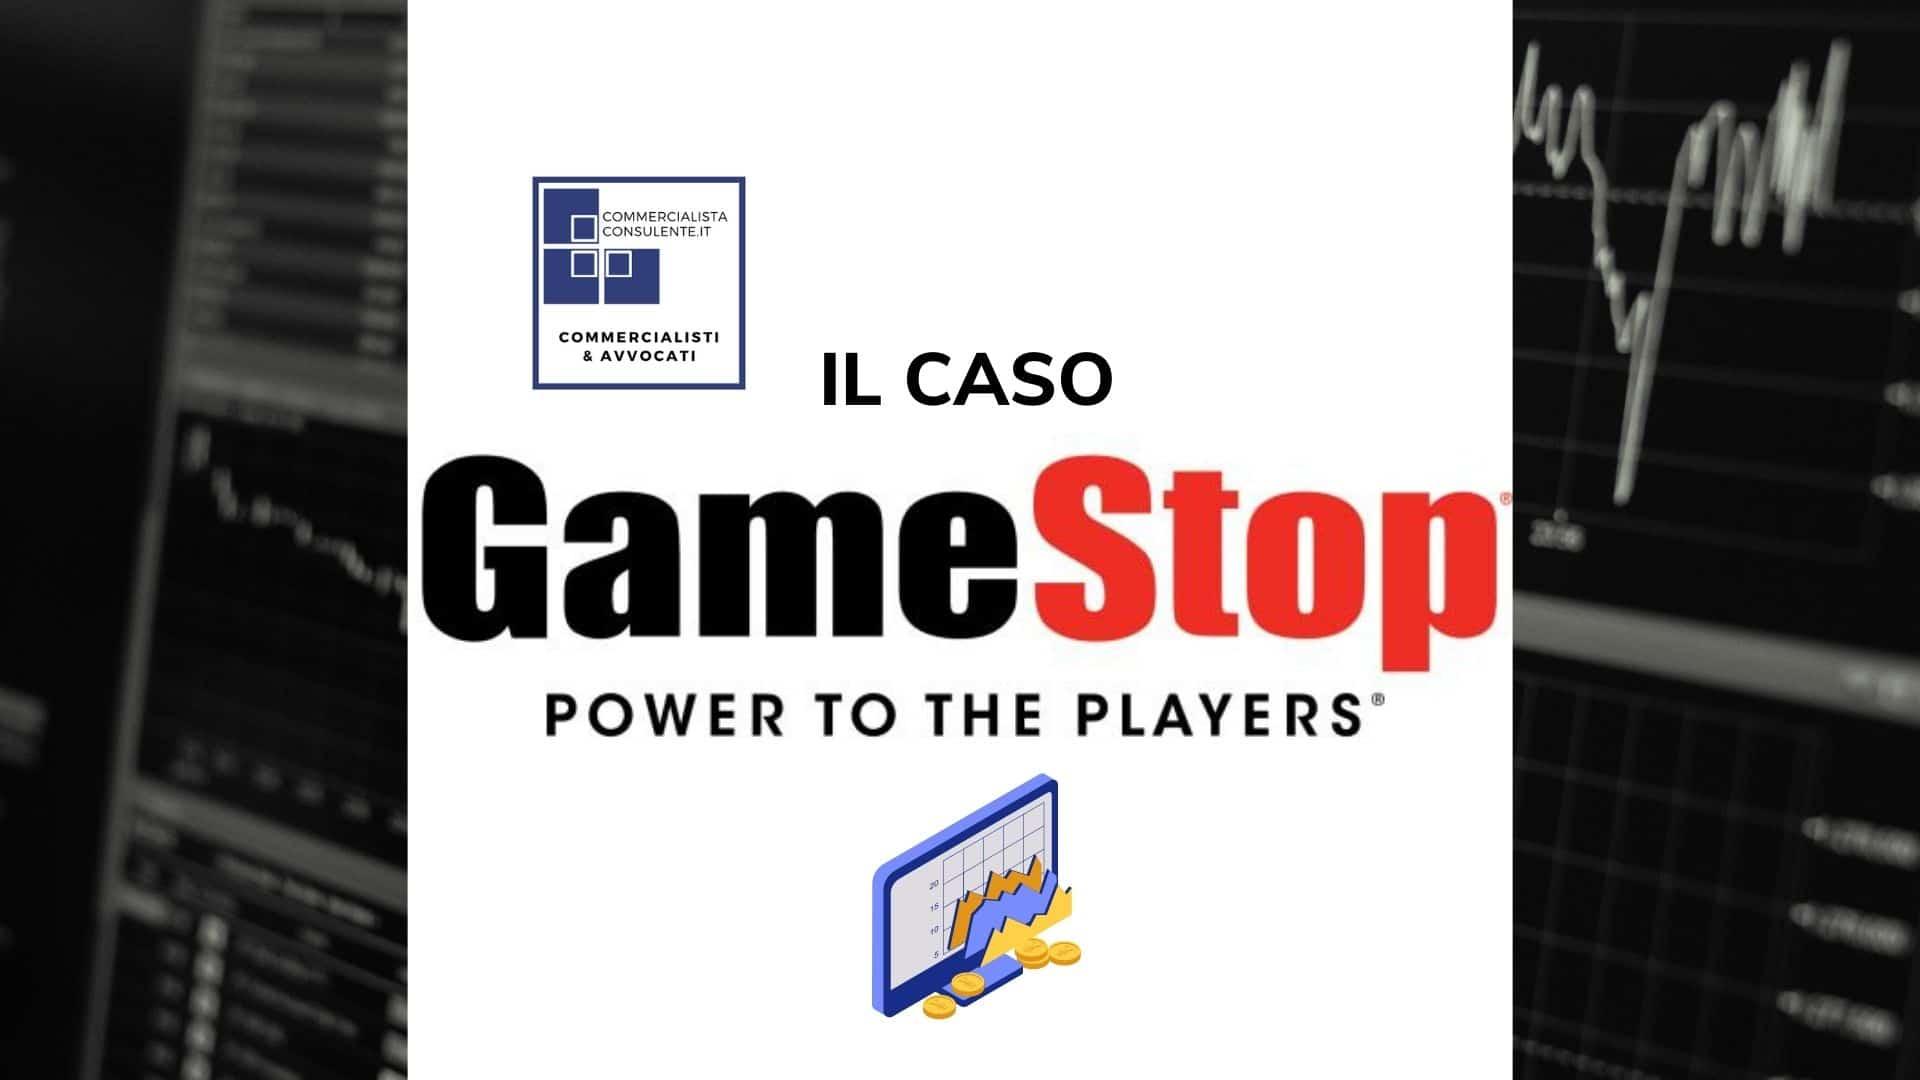 IL CASO GAME STOP